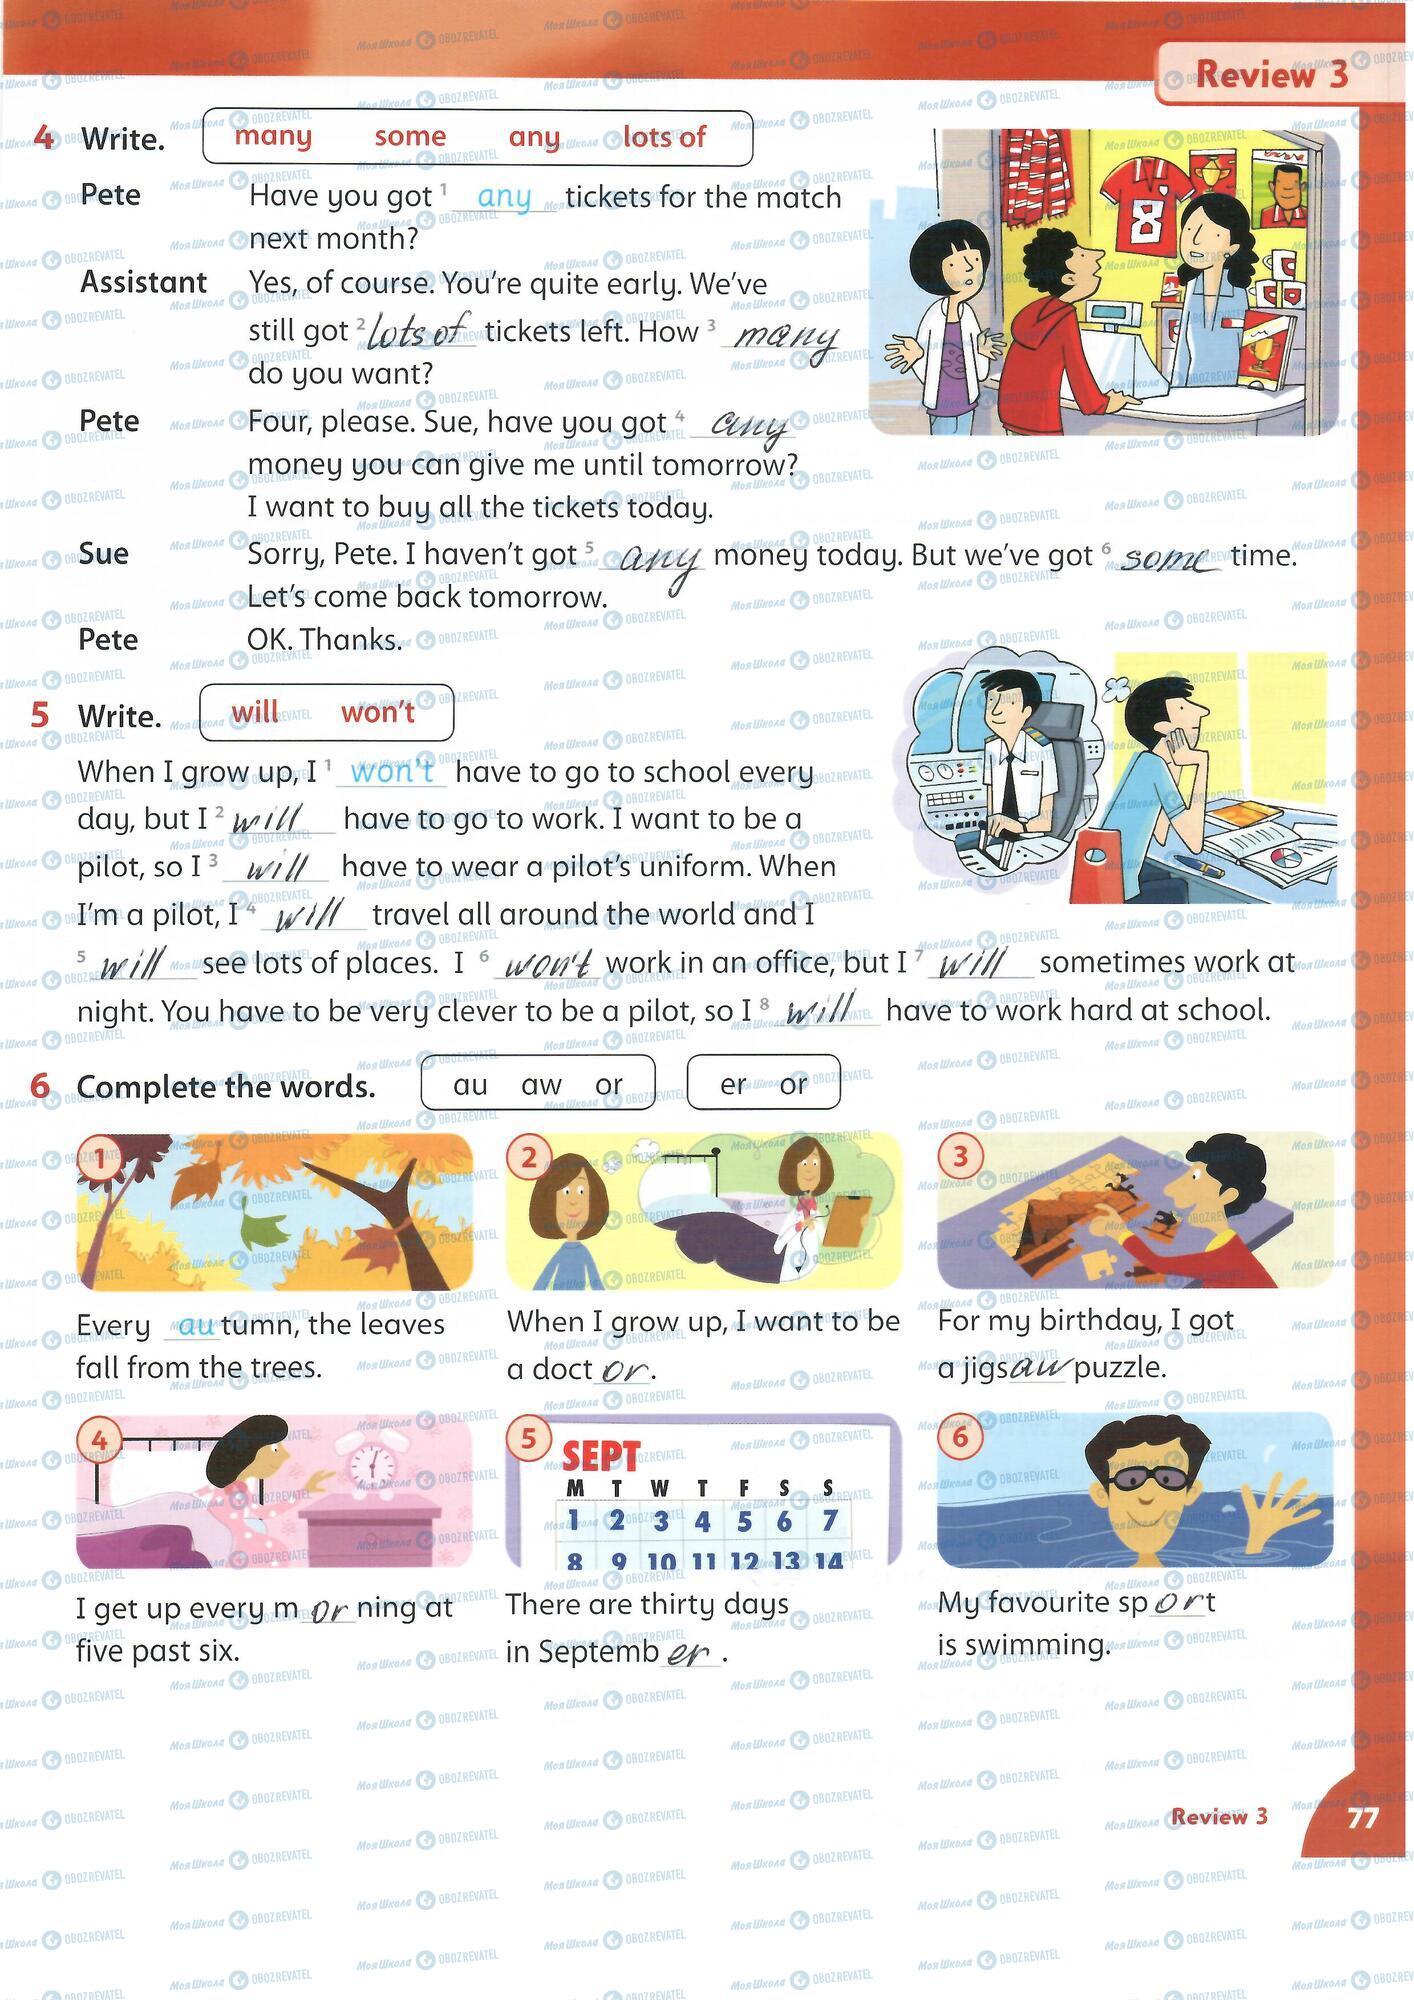 ГДЗ Англійська мова 4 клас сторінка 77